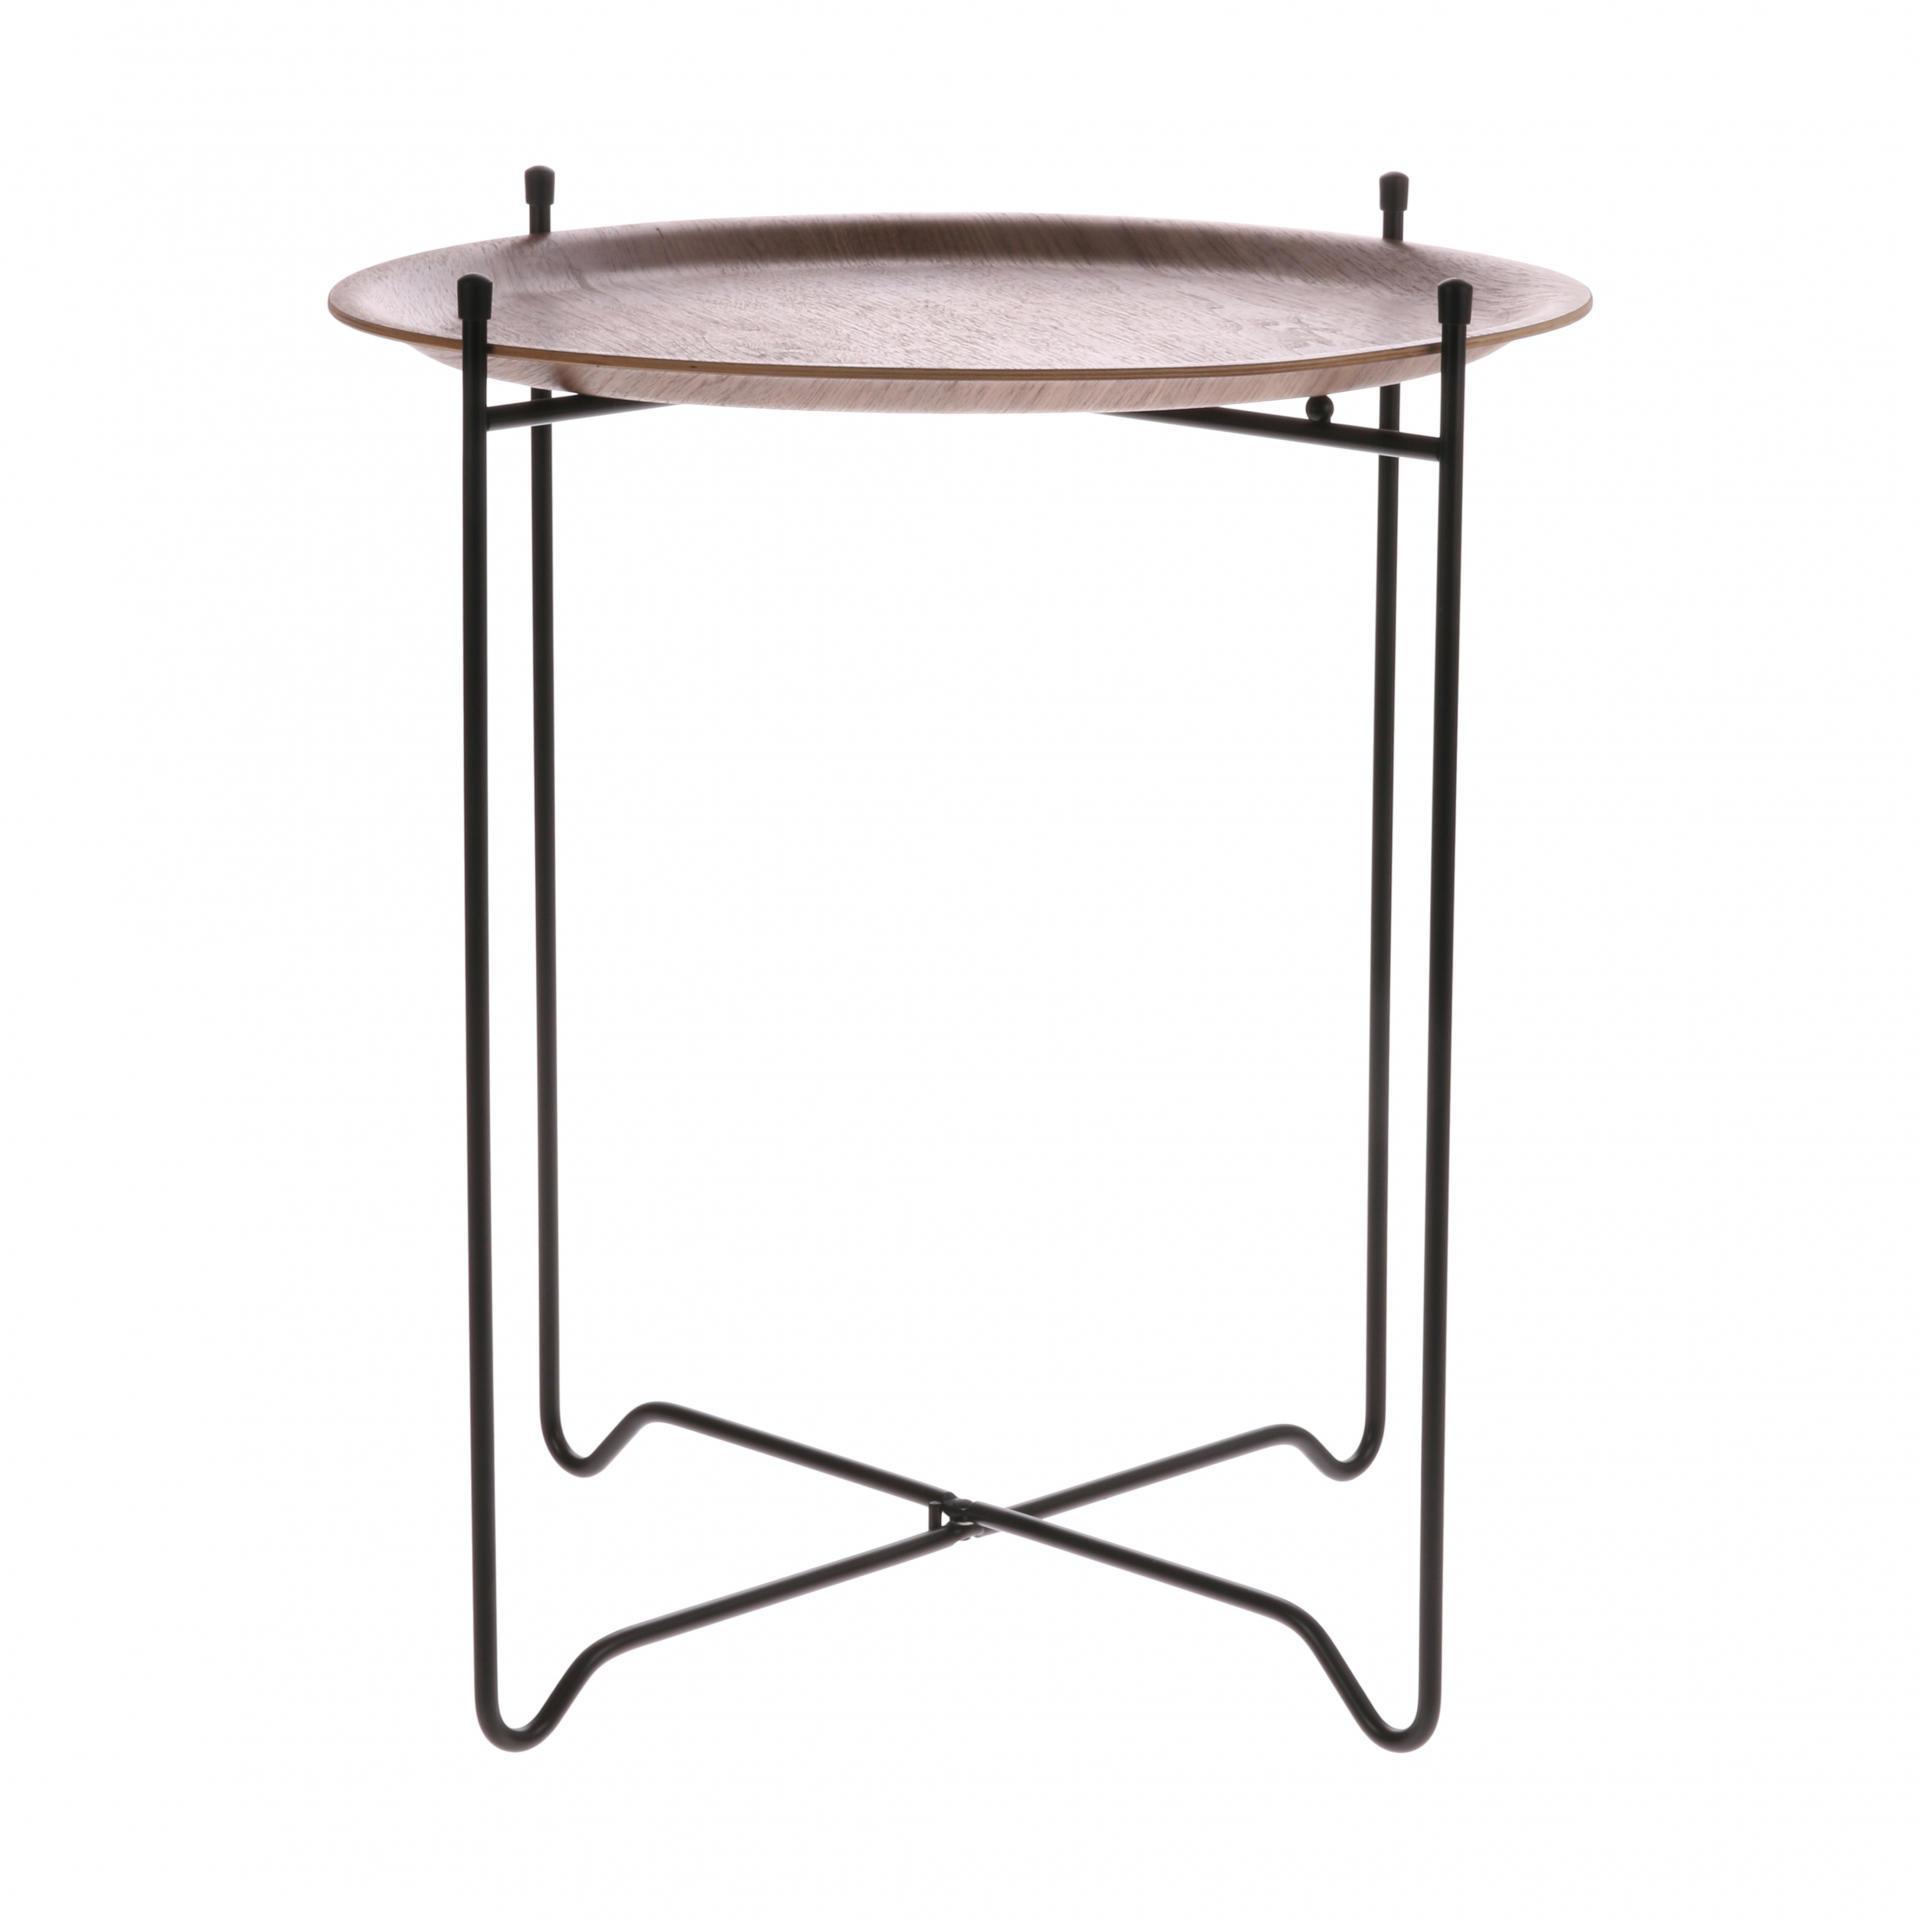 HK living Odkládací stoleček Willow Wood ⌀ 43,5 cm, černá barva, hnědá barva, dřevo, kov